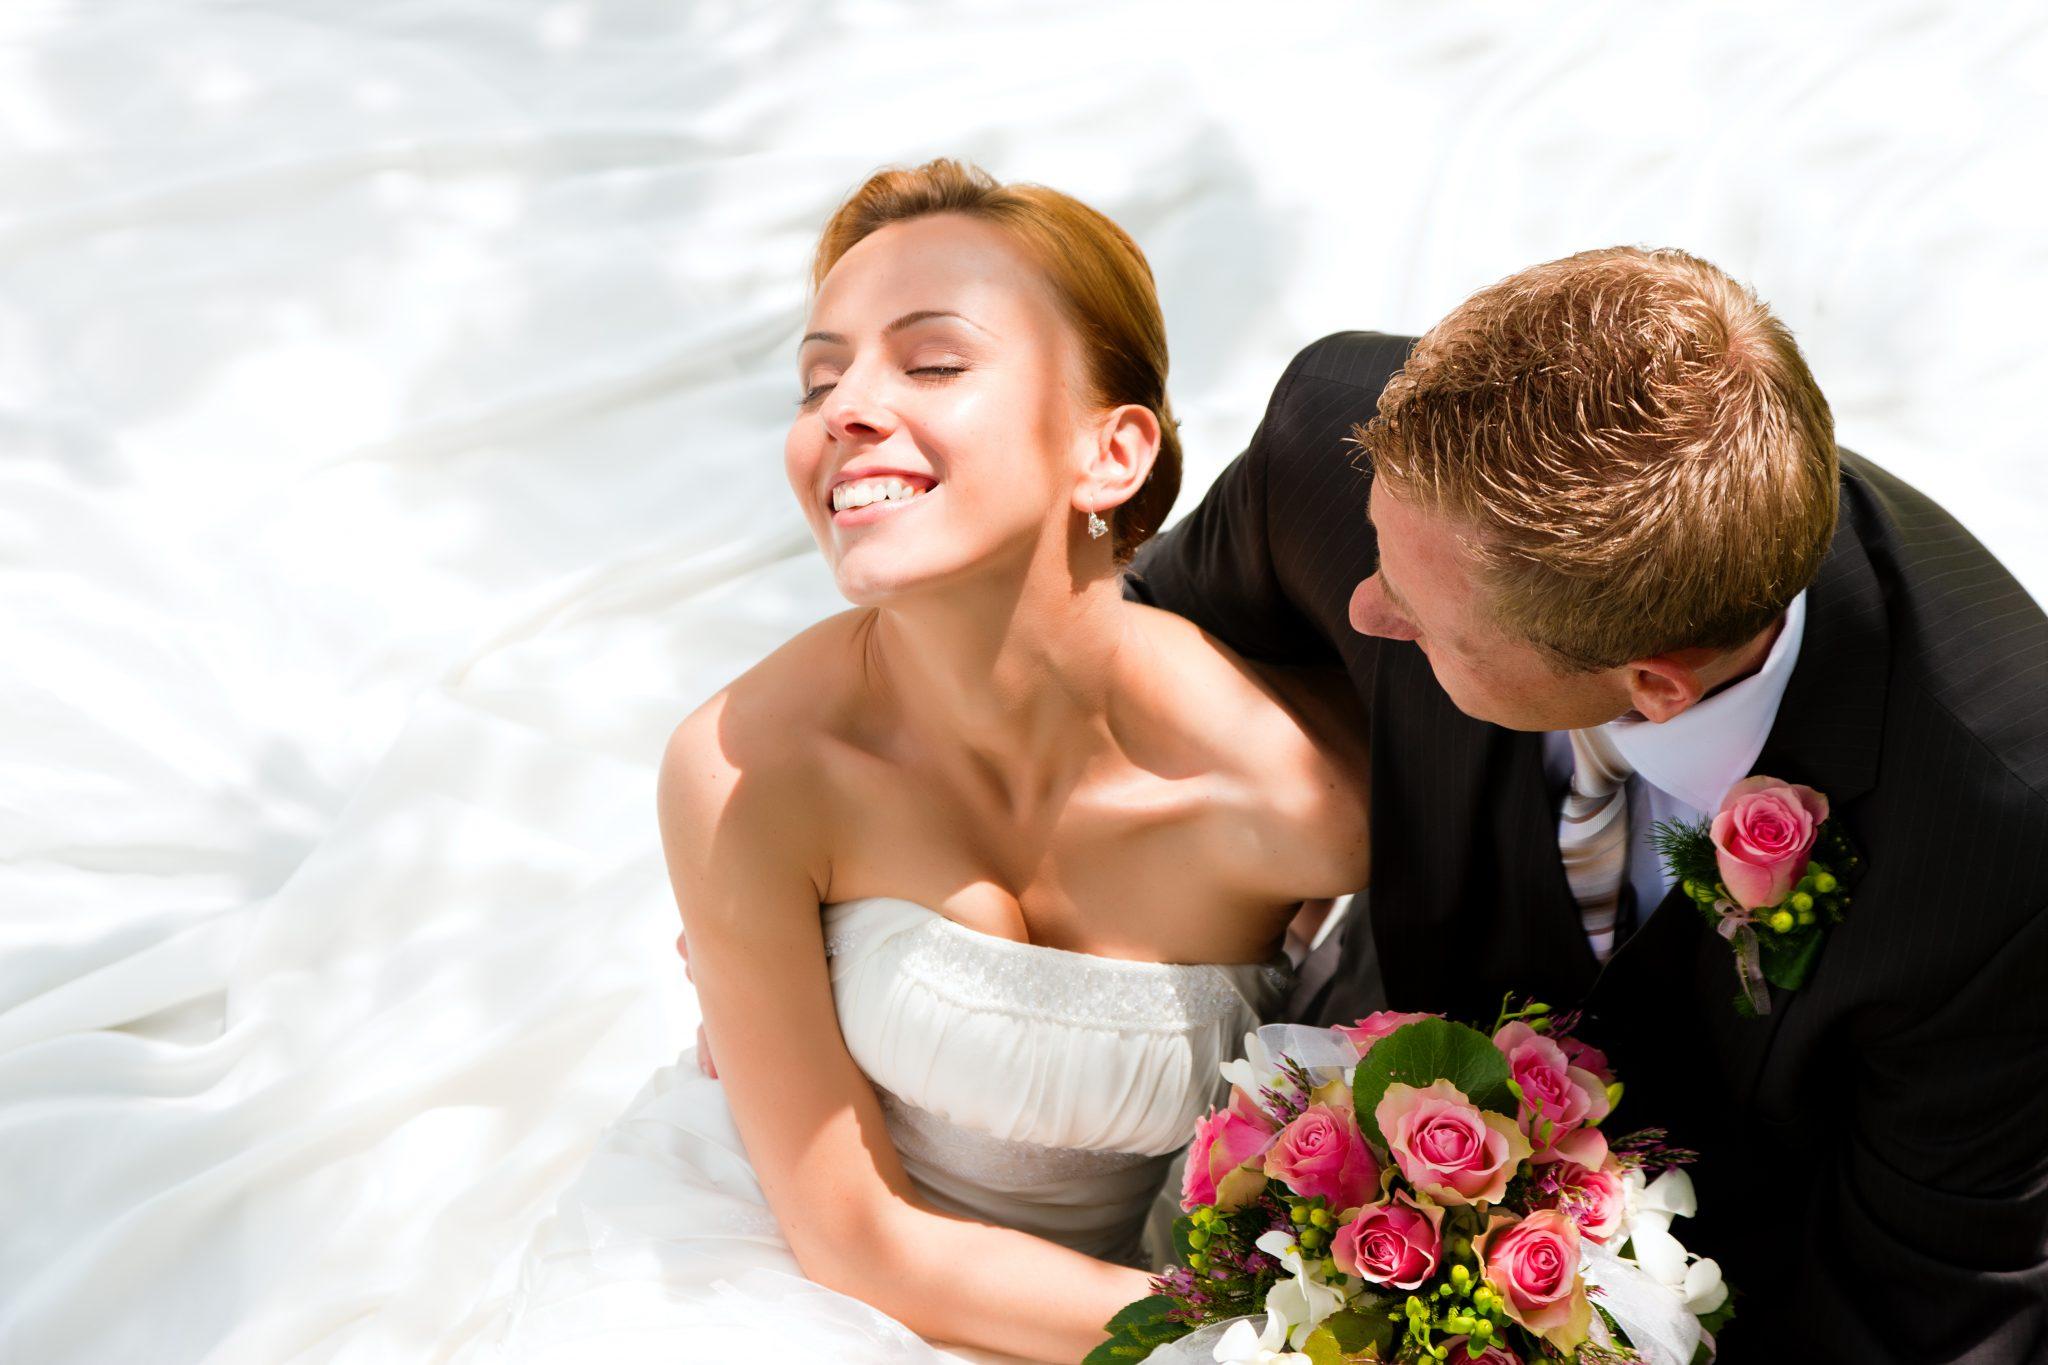 Para młoda, roześmiana, eksponuje ślubną wiązankę - pod strojami ślubnymi mają antybąkowy zestaw ślubny dla niej i dla niego i dzięki temu ich ślub pachnie wyłącznie kwiatami